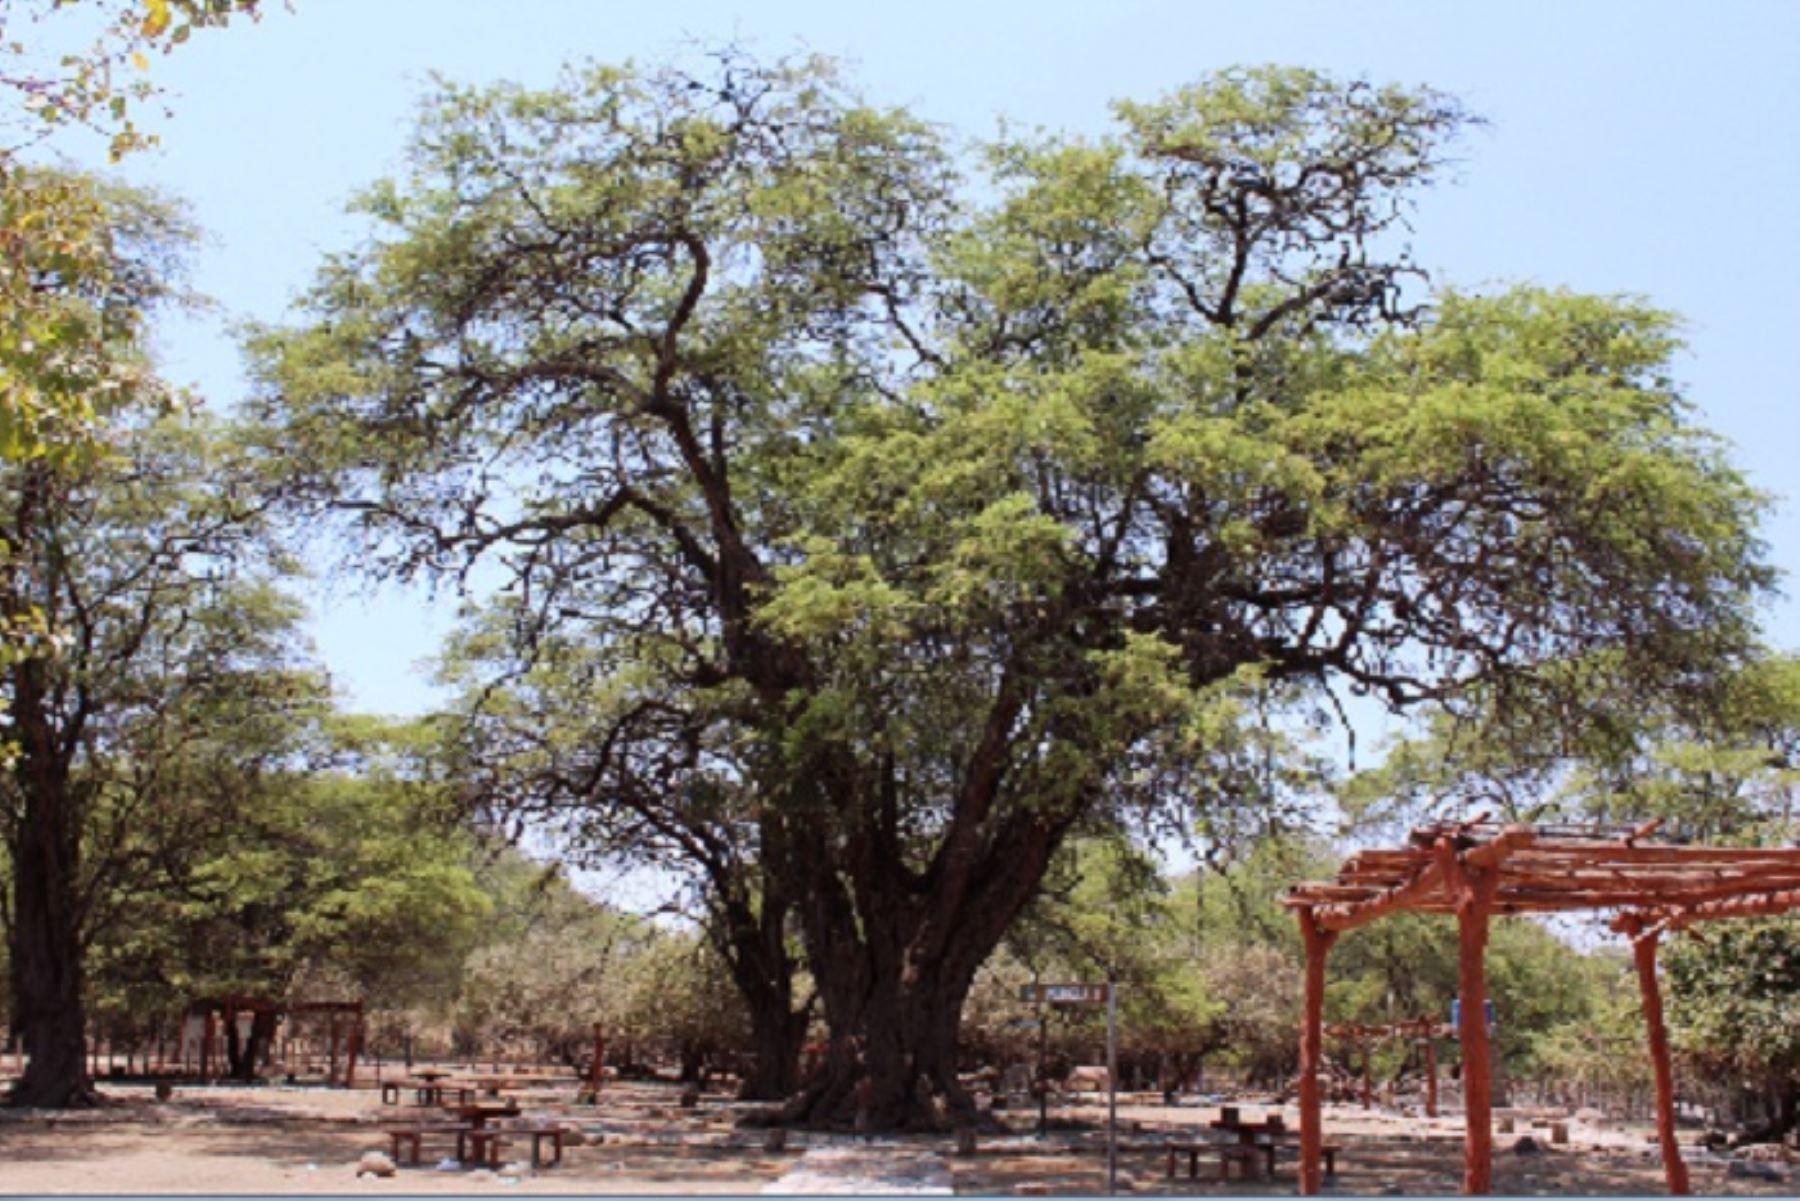 Un árbol patrimonial es aquel que se considera excepcional en la región por su gran tamaño, belleza, longevidad, originalidad de sus formas, vinculación con el paisaje, por su importancia cultural, histórica, científica o educativa.